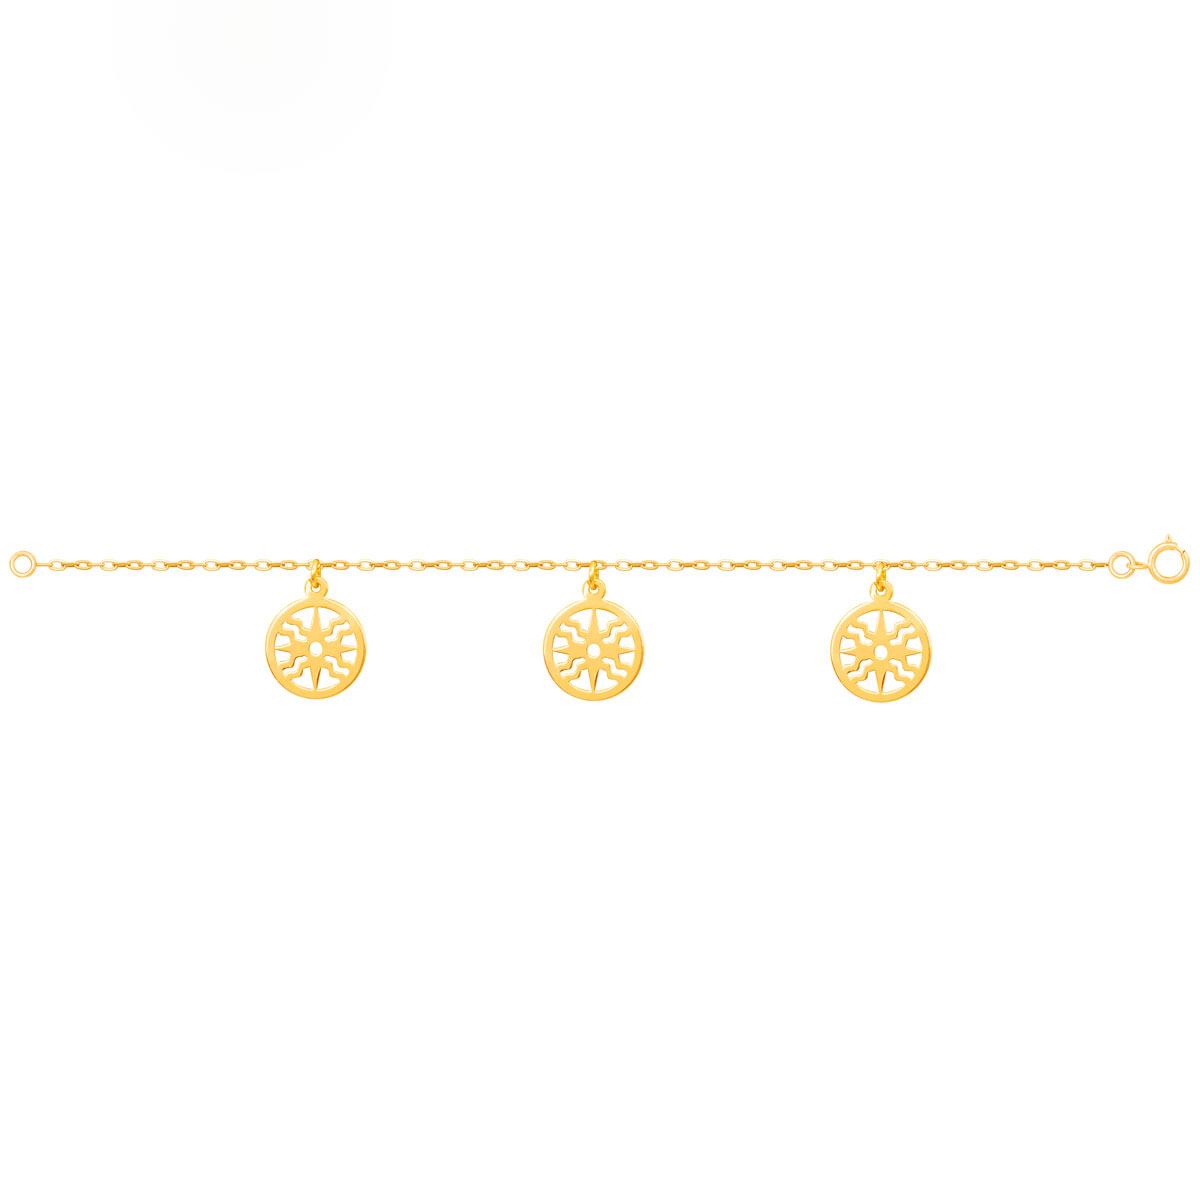 دستبند طلا خورشید پرسته